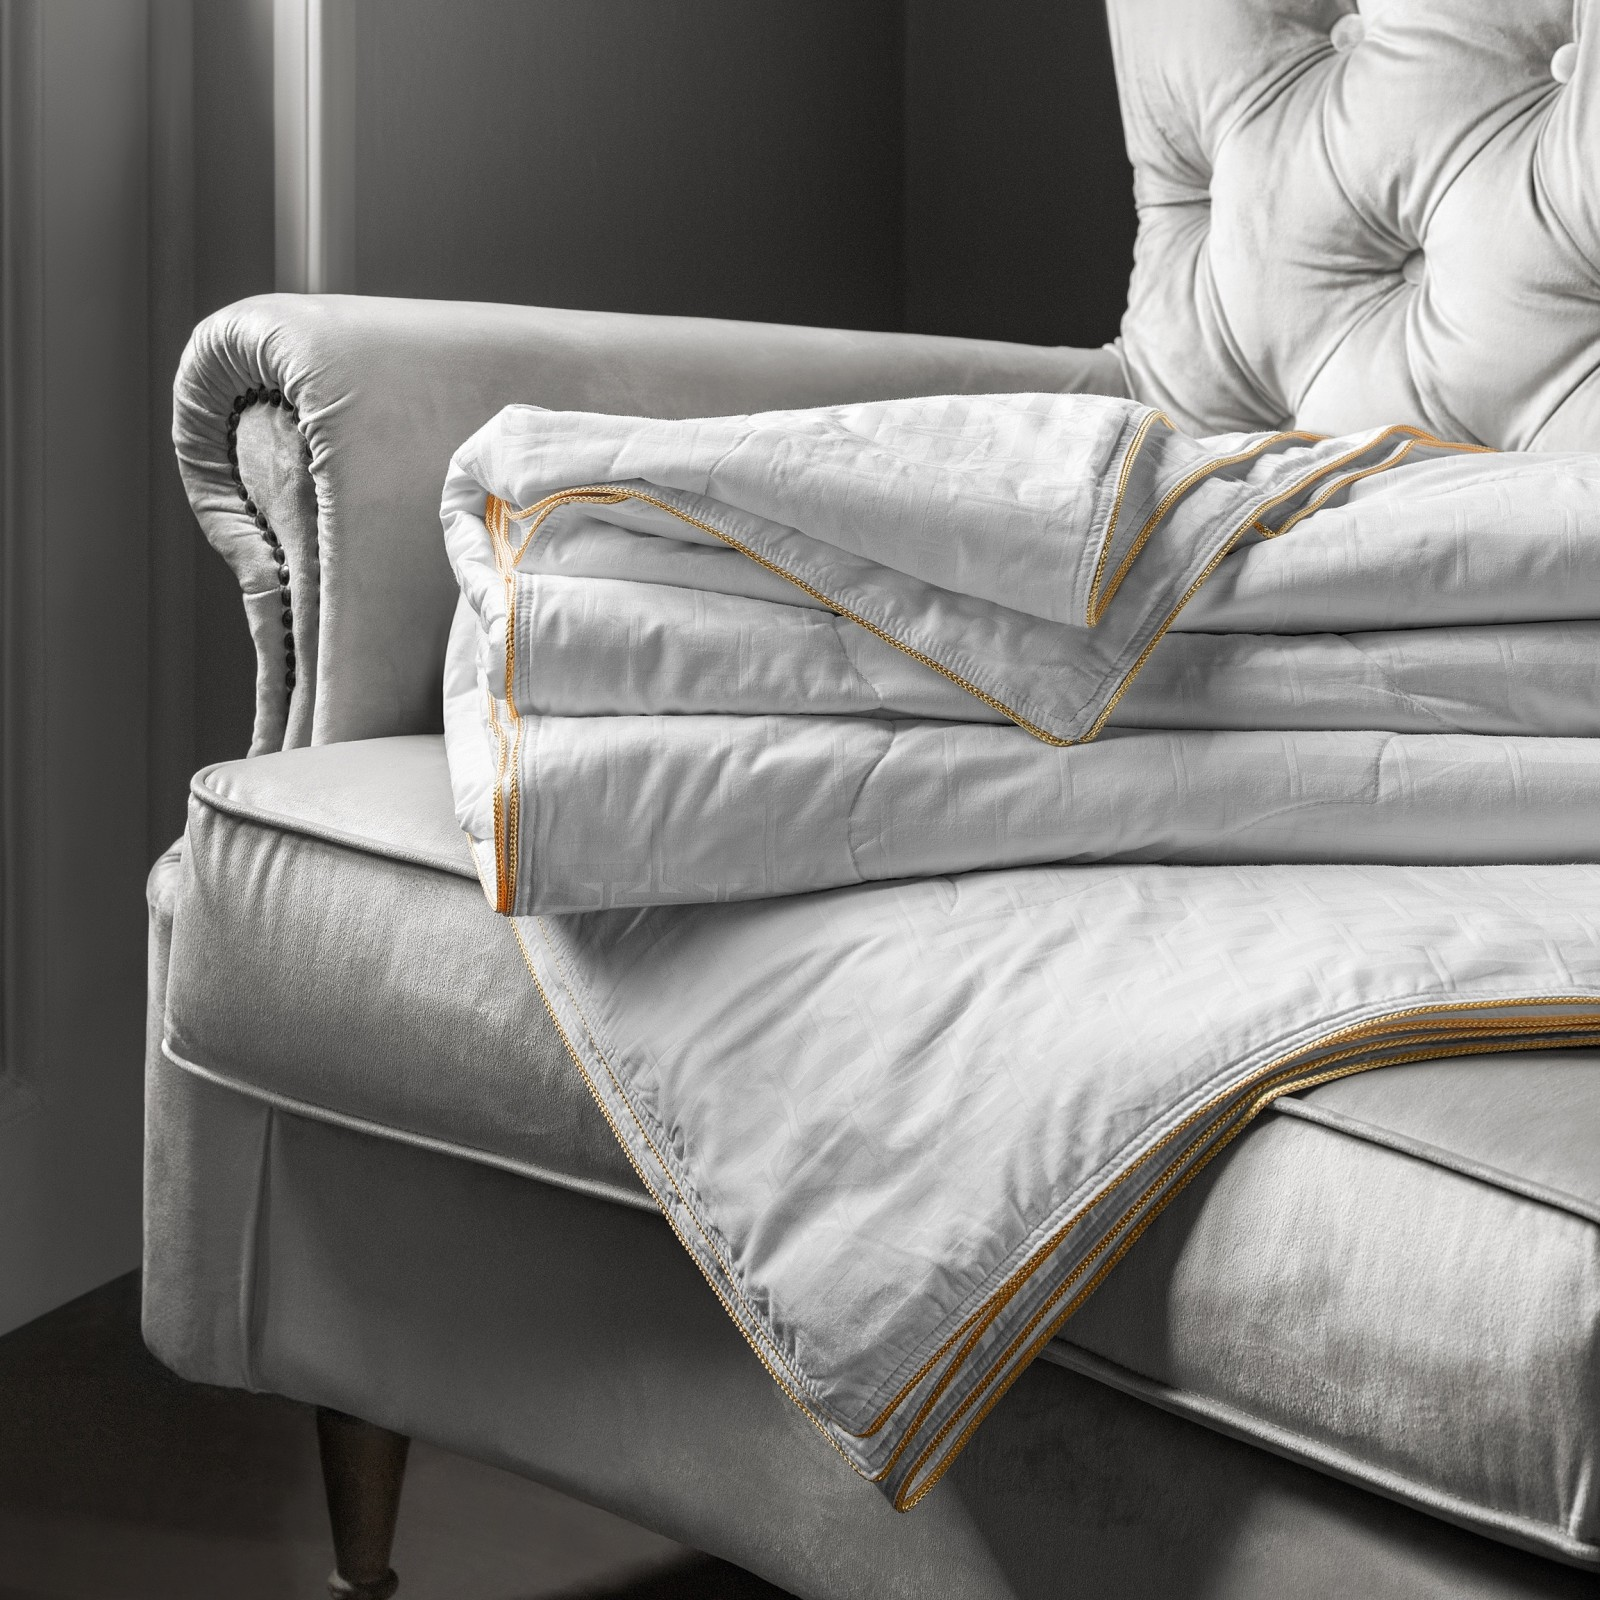 Купить Одеяла Togas, Одеяло Селена Лайт (200х210 см), Греция, Белый, Хлопковый жаккард